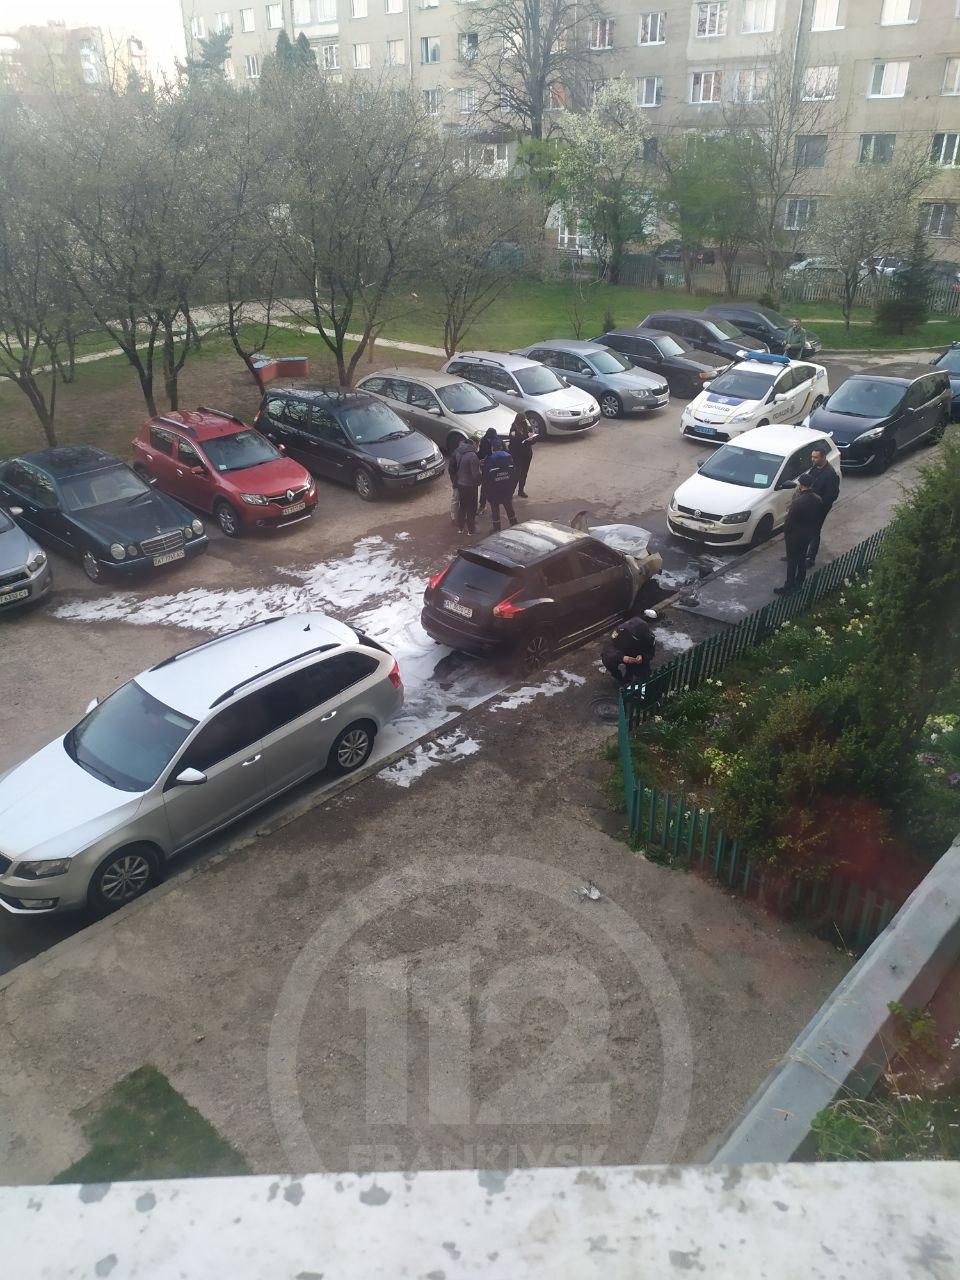 У Франківську вночі горіли дві машини: по одному факту поліція перевіряє умисний підпал (ФОТОФАКТ, ВІДЕО)